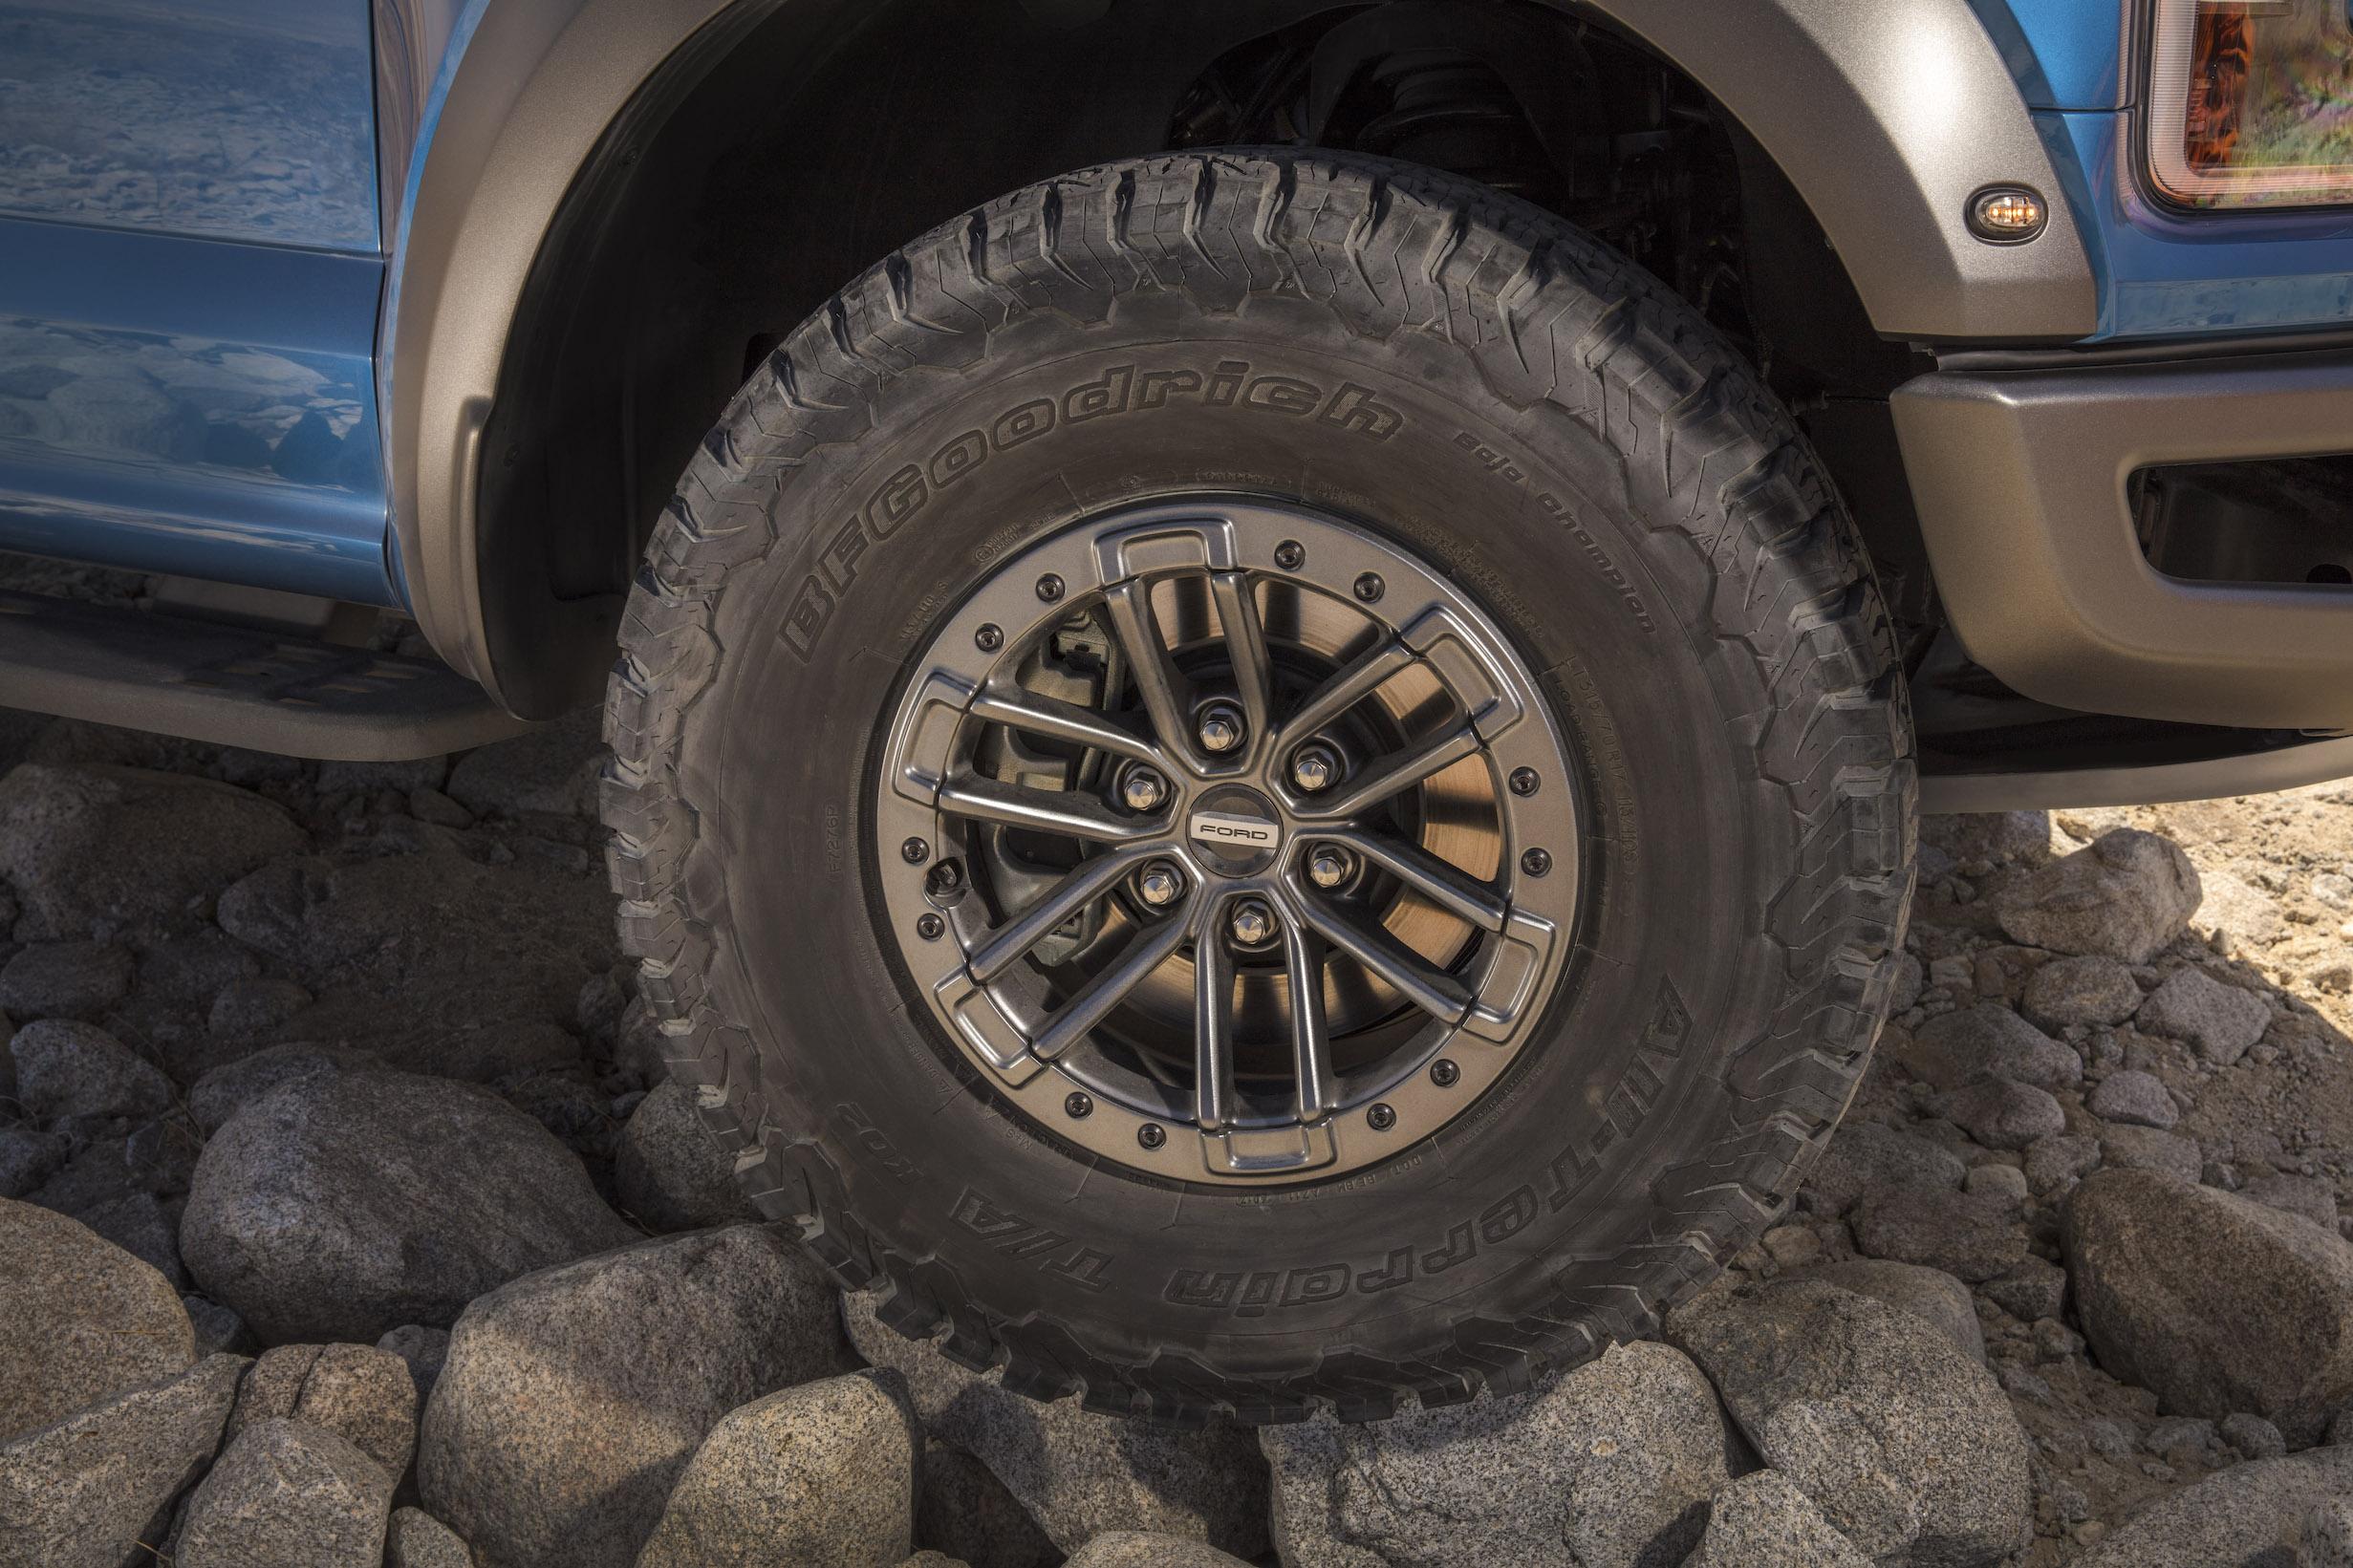 2019 Ford F-150 Raptor tires on rocks